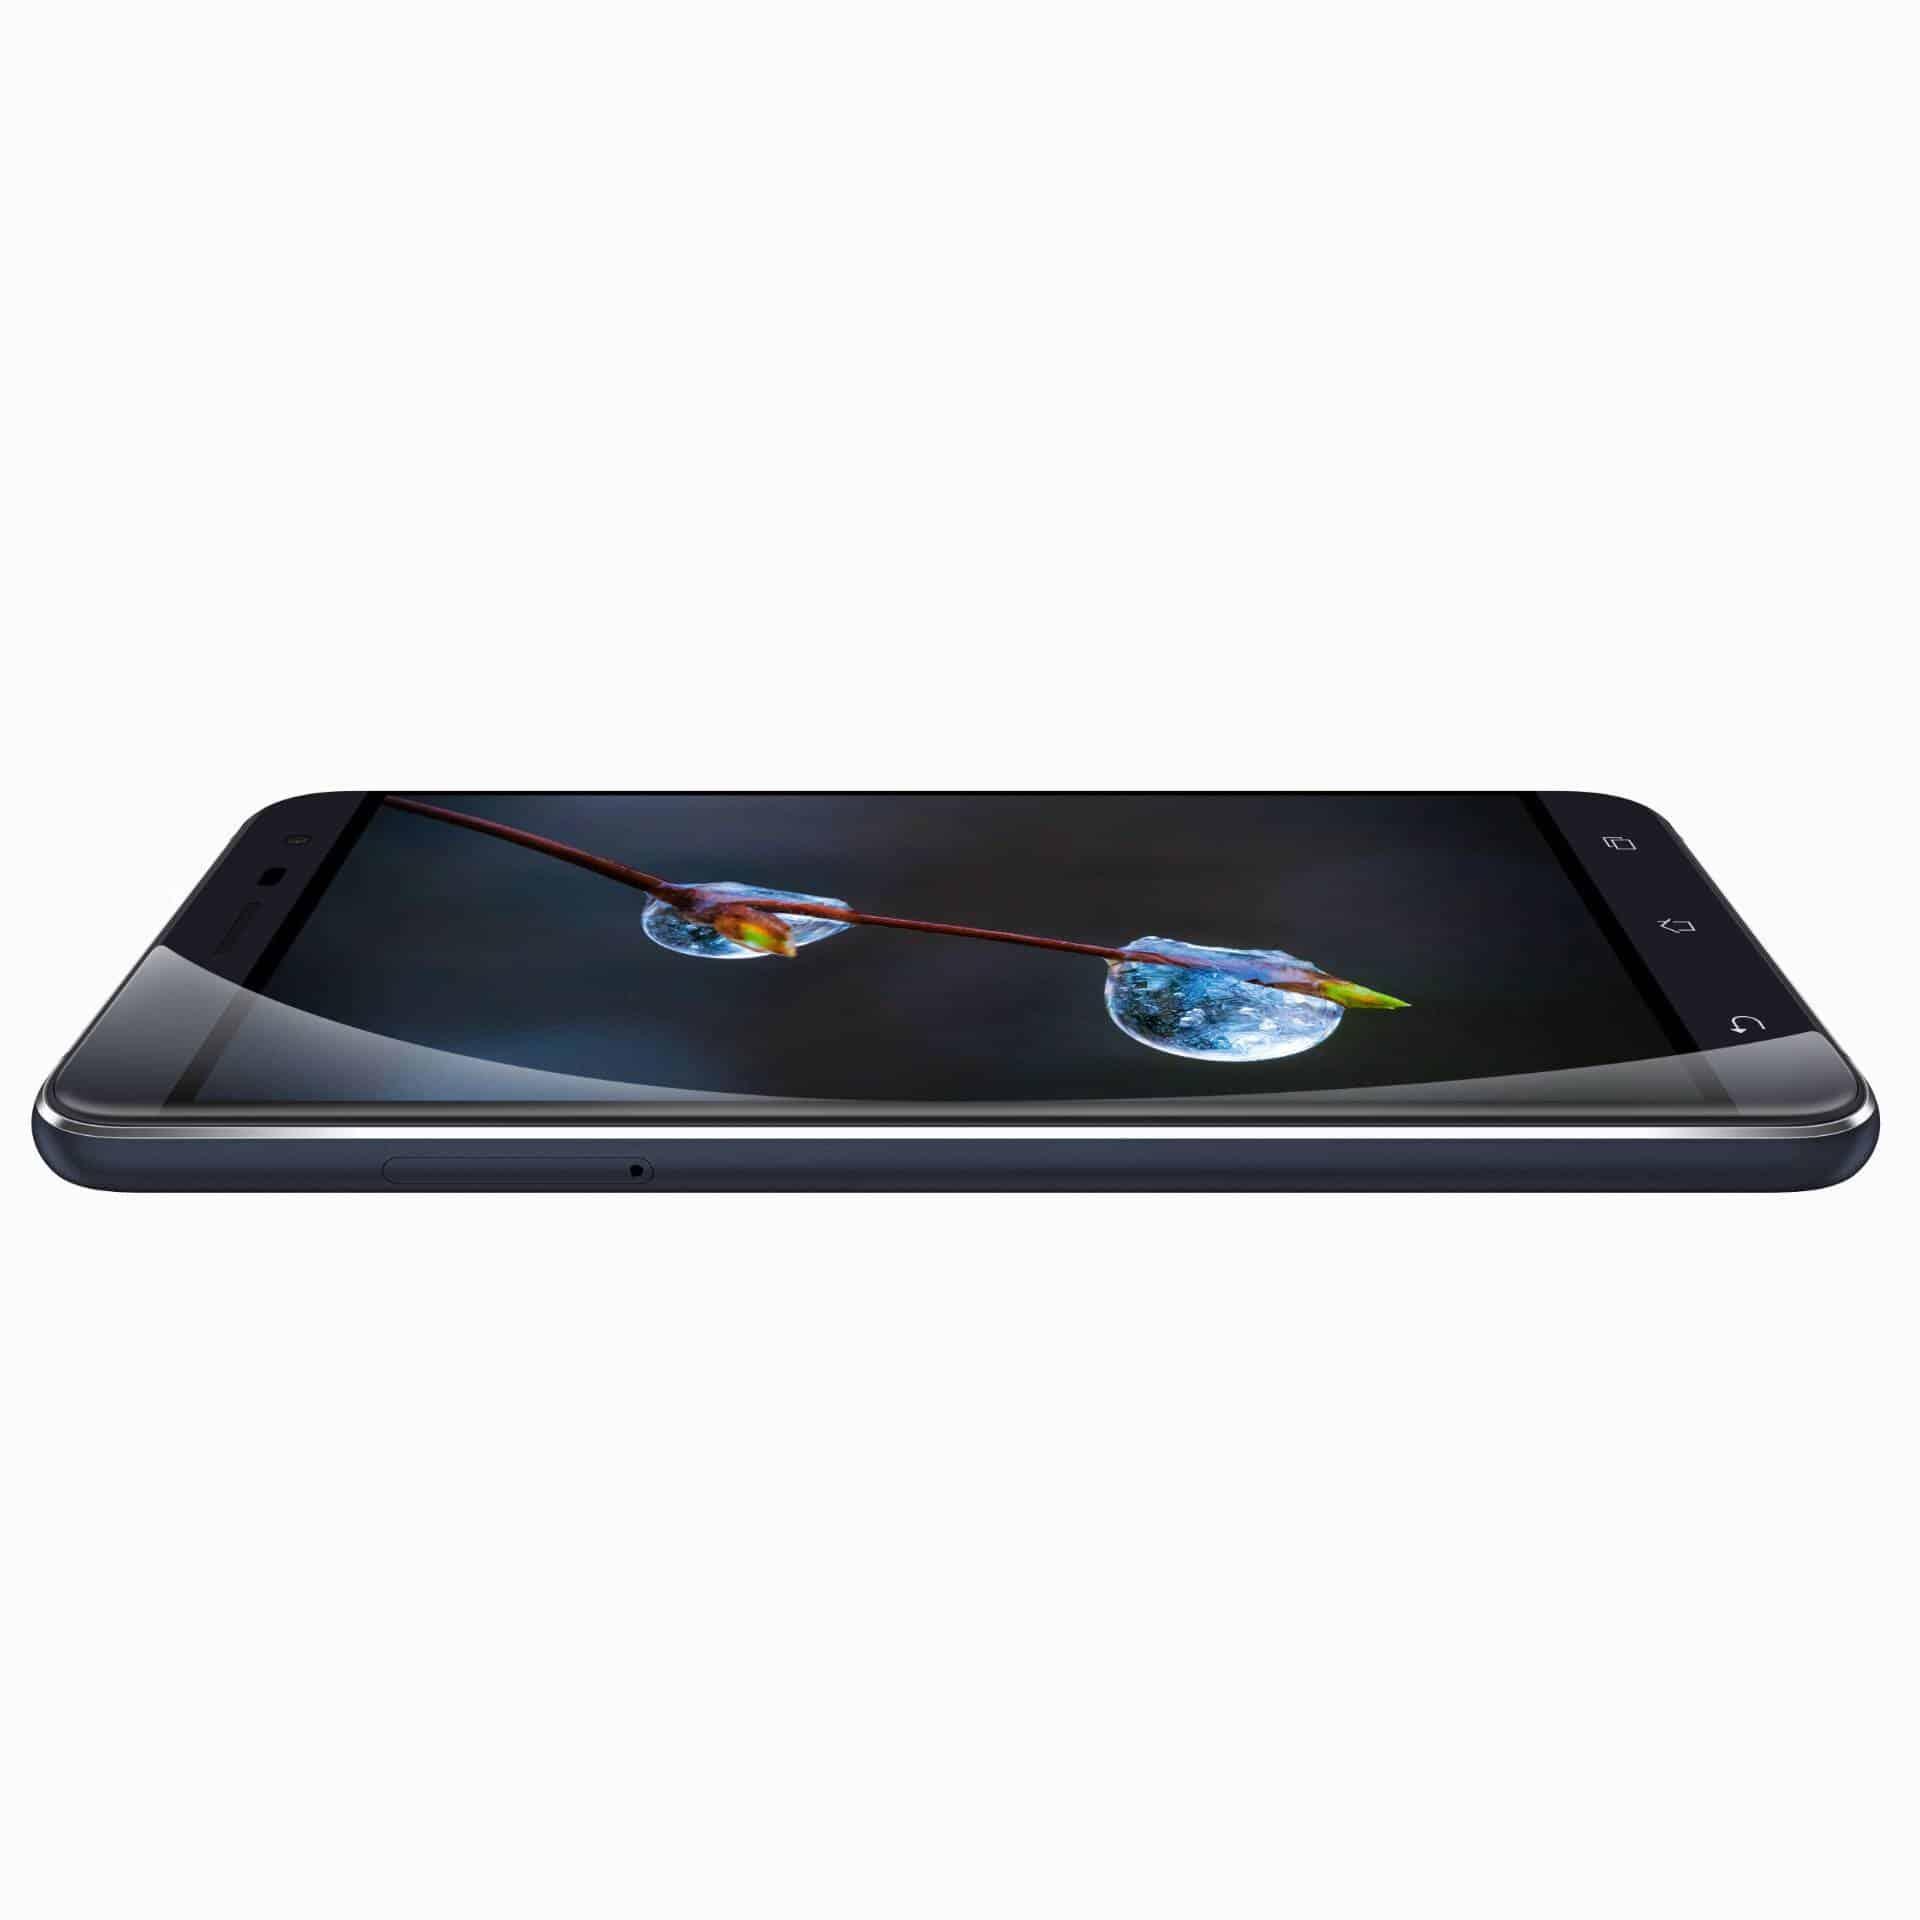 ASUS ZenFone 3 13